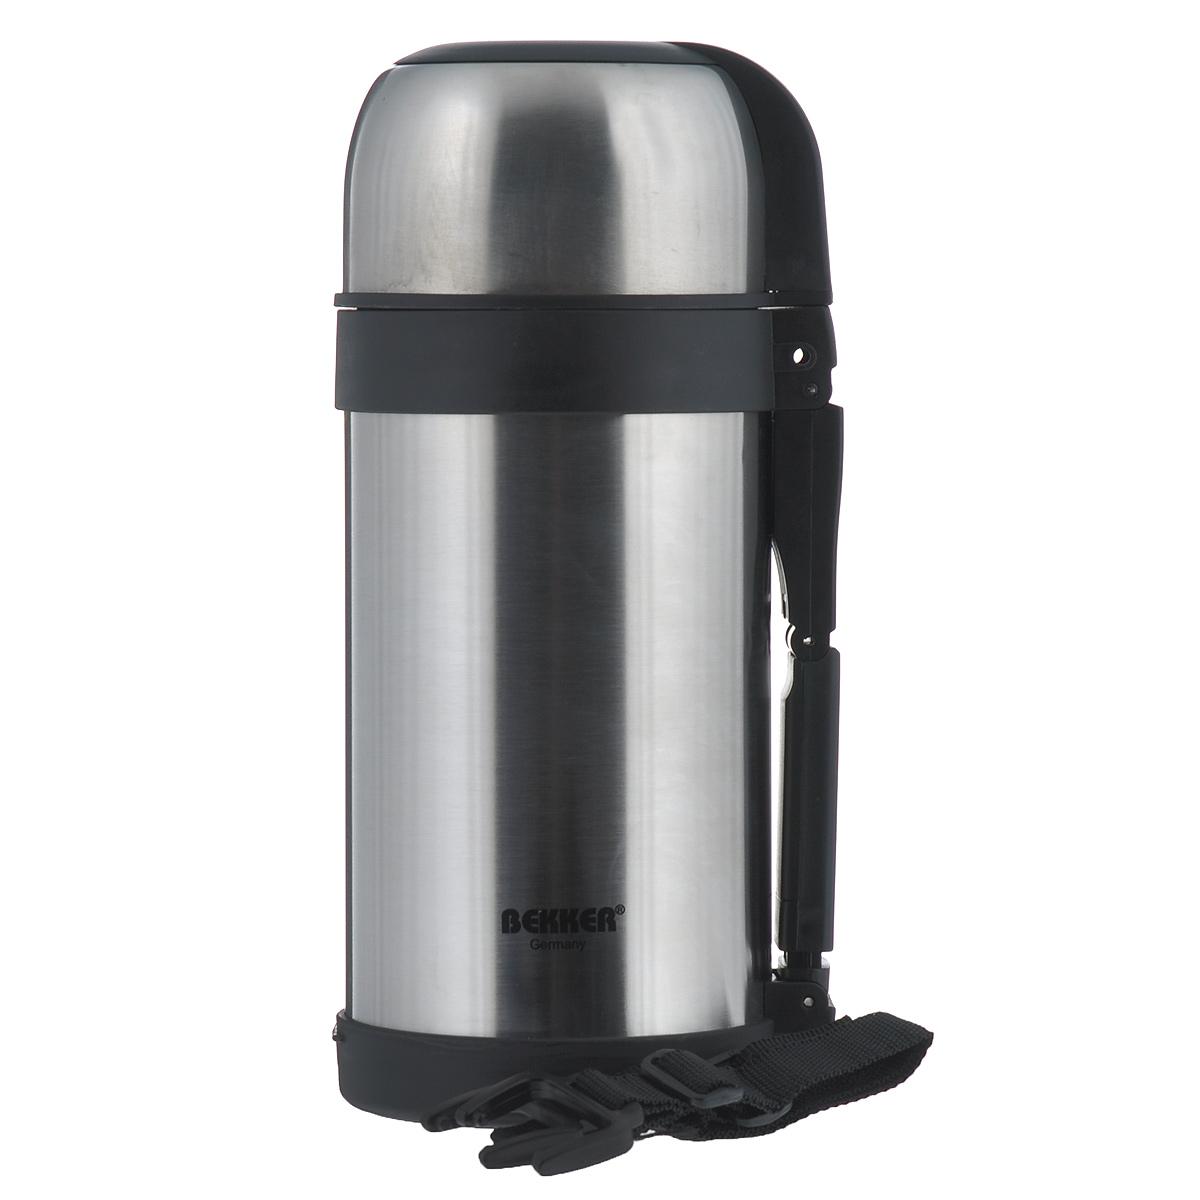 Термос Bekker с широким горлом, 1,2 лVT-1520(SR)Термос с широким горлом Bekker, изготовленный из высококачественной нержавеющей стали 18/8. Двойные стенки обеспечивают долгое сохранение температуры напитка (6 часов - 75°С, 12 часов - 66°С, до 24 часов - 48°С). Подходит для напитков и для пищи. Благодаря вакуумной кнопке внутри создается абсолютная герметичность, что предотвращает проливание напитков. Крышка плотно закручивается. Верхнюю крышку можно использовать в качестве чаши для напитка. Имеется удобная ручка и съемный ремень.Стильный функциональный термос будет незаменим в дороге, на пикнике. Его можно взять с собой куда угодно, и вы всегда сможете наслаждаться горячим домашним напитком или пищей.